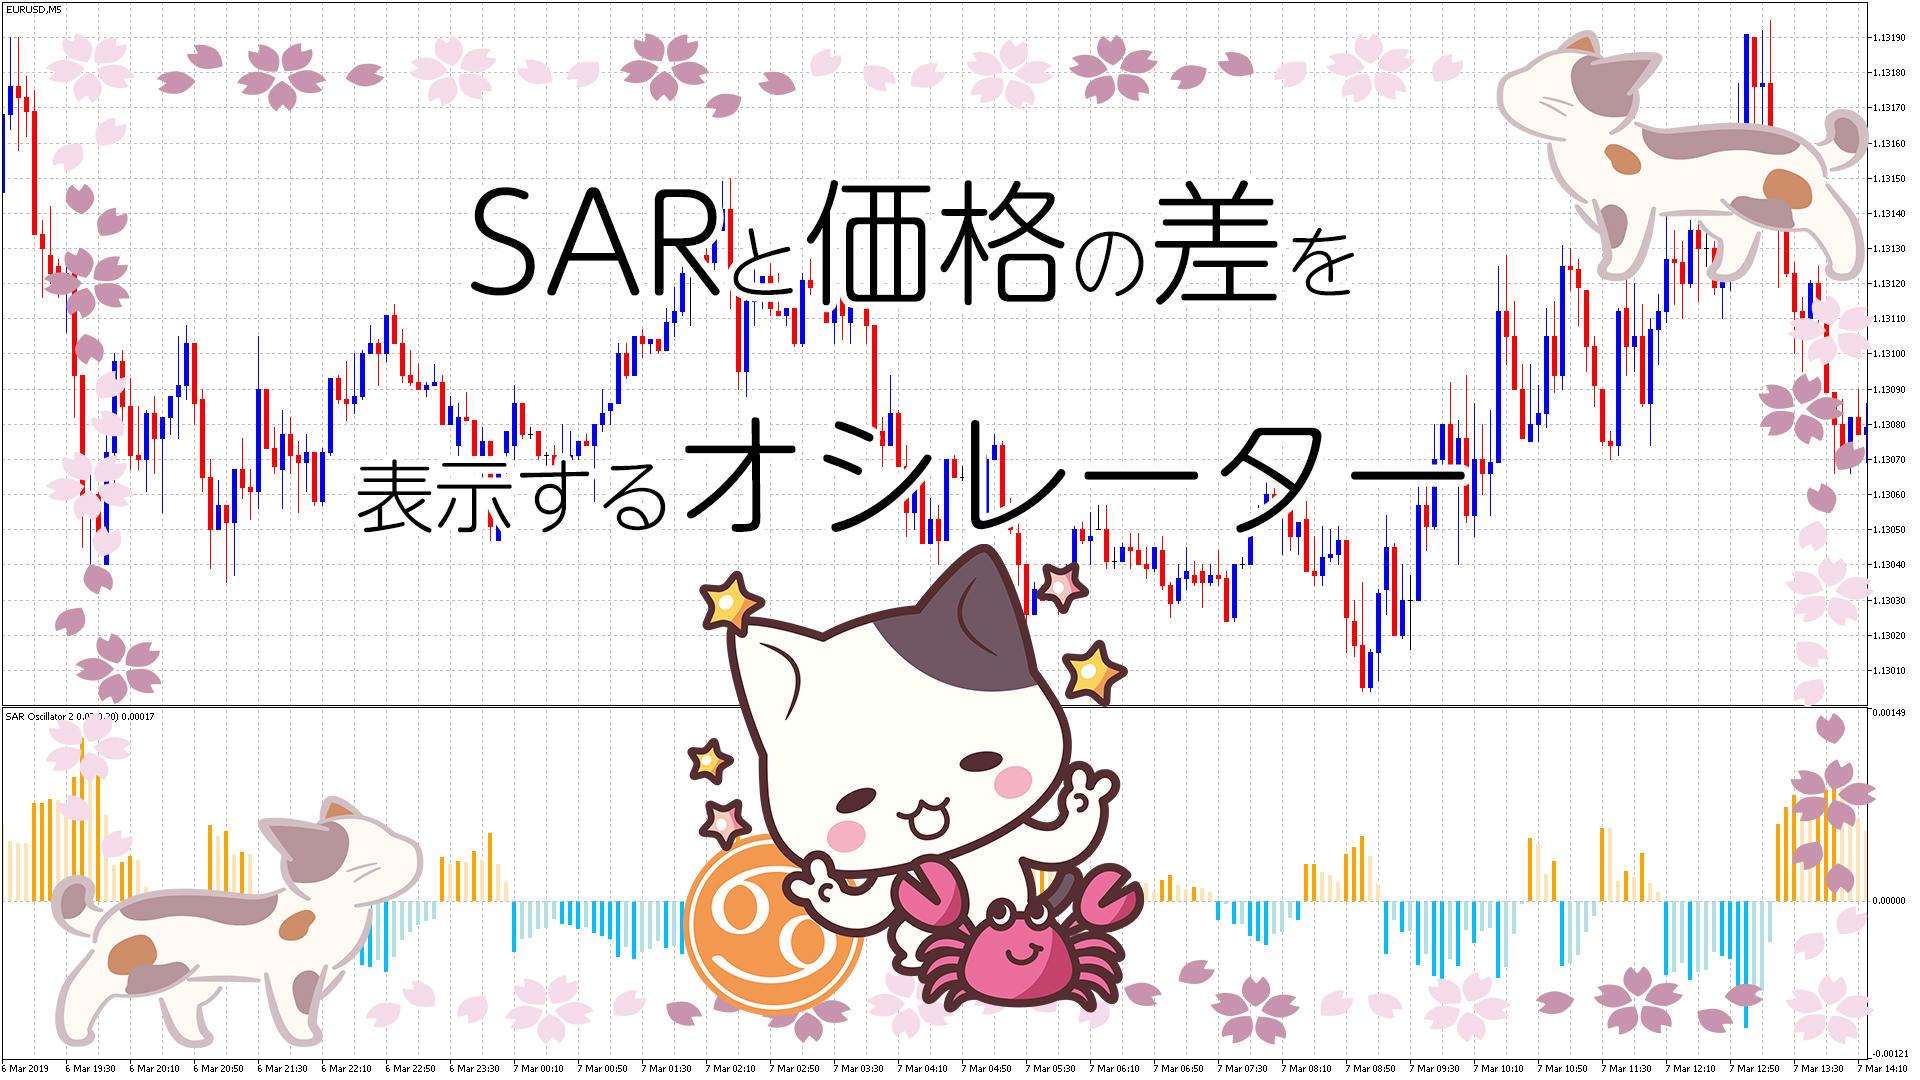 SARと価格の差をオシレーターで表示するMT5インジケータ-「SAR_Oscillator2」